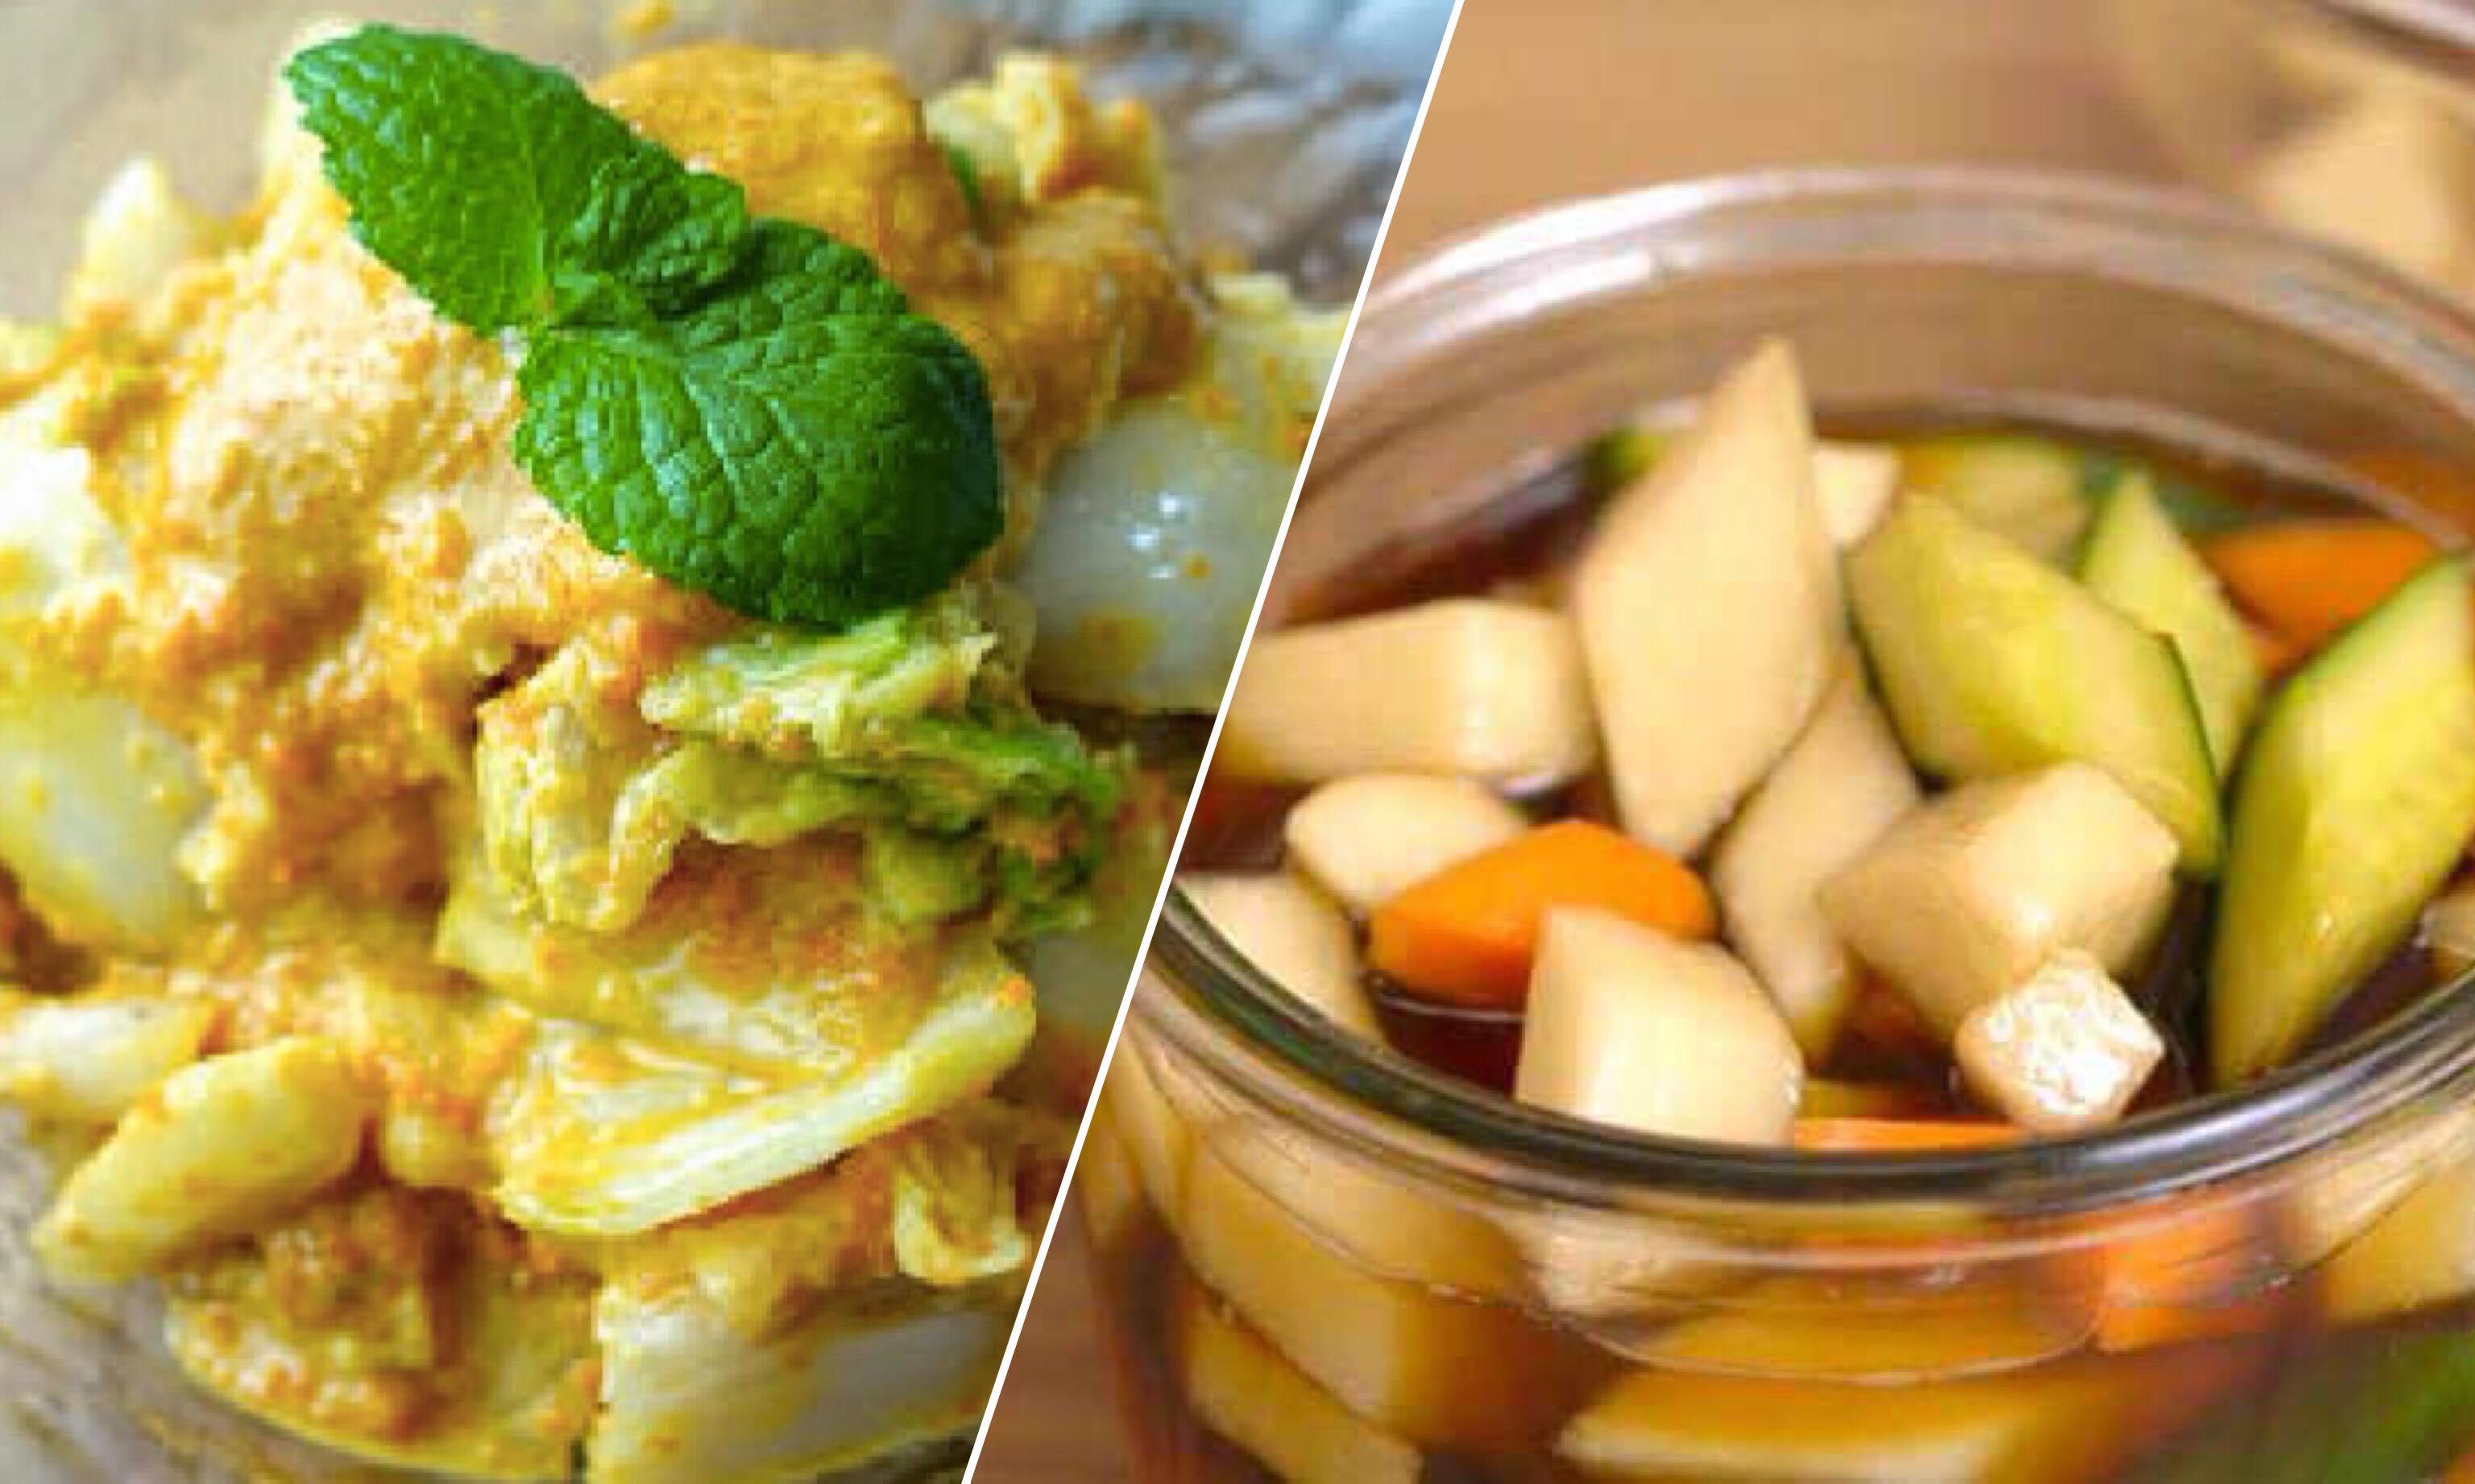 「知名團購泡菜在家怎麼做?」2 種酸甜爽脆的泡菜做法,學一次就能上手!